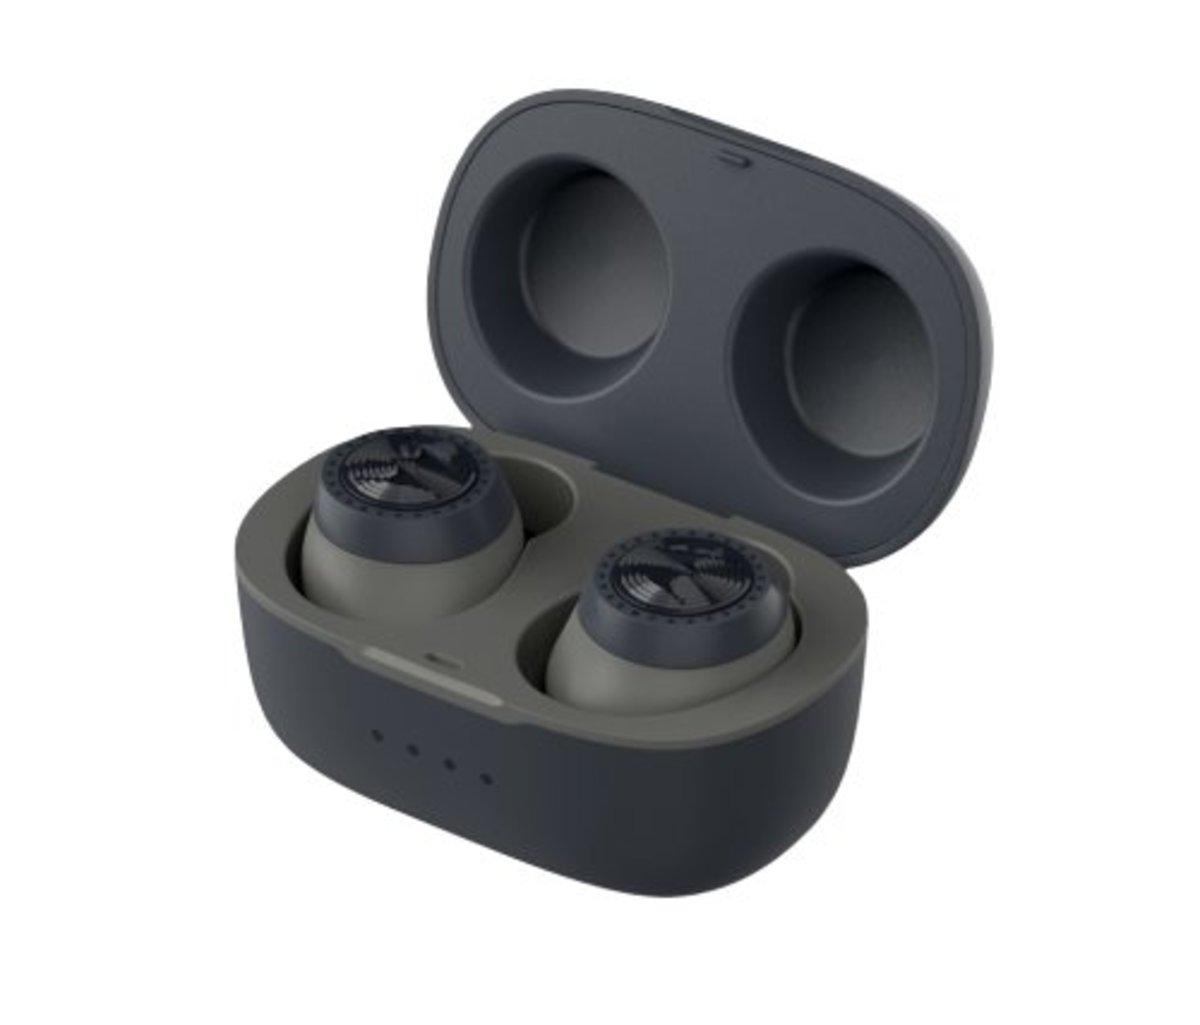 VERVE BUDS 200 Waterpoof True Wireless Earphones]Grey]